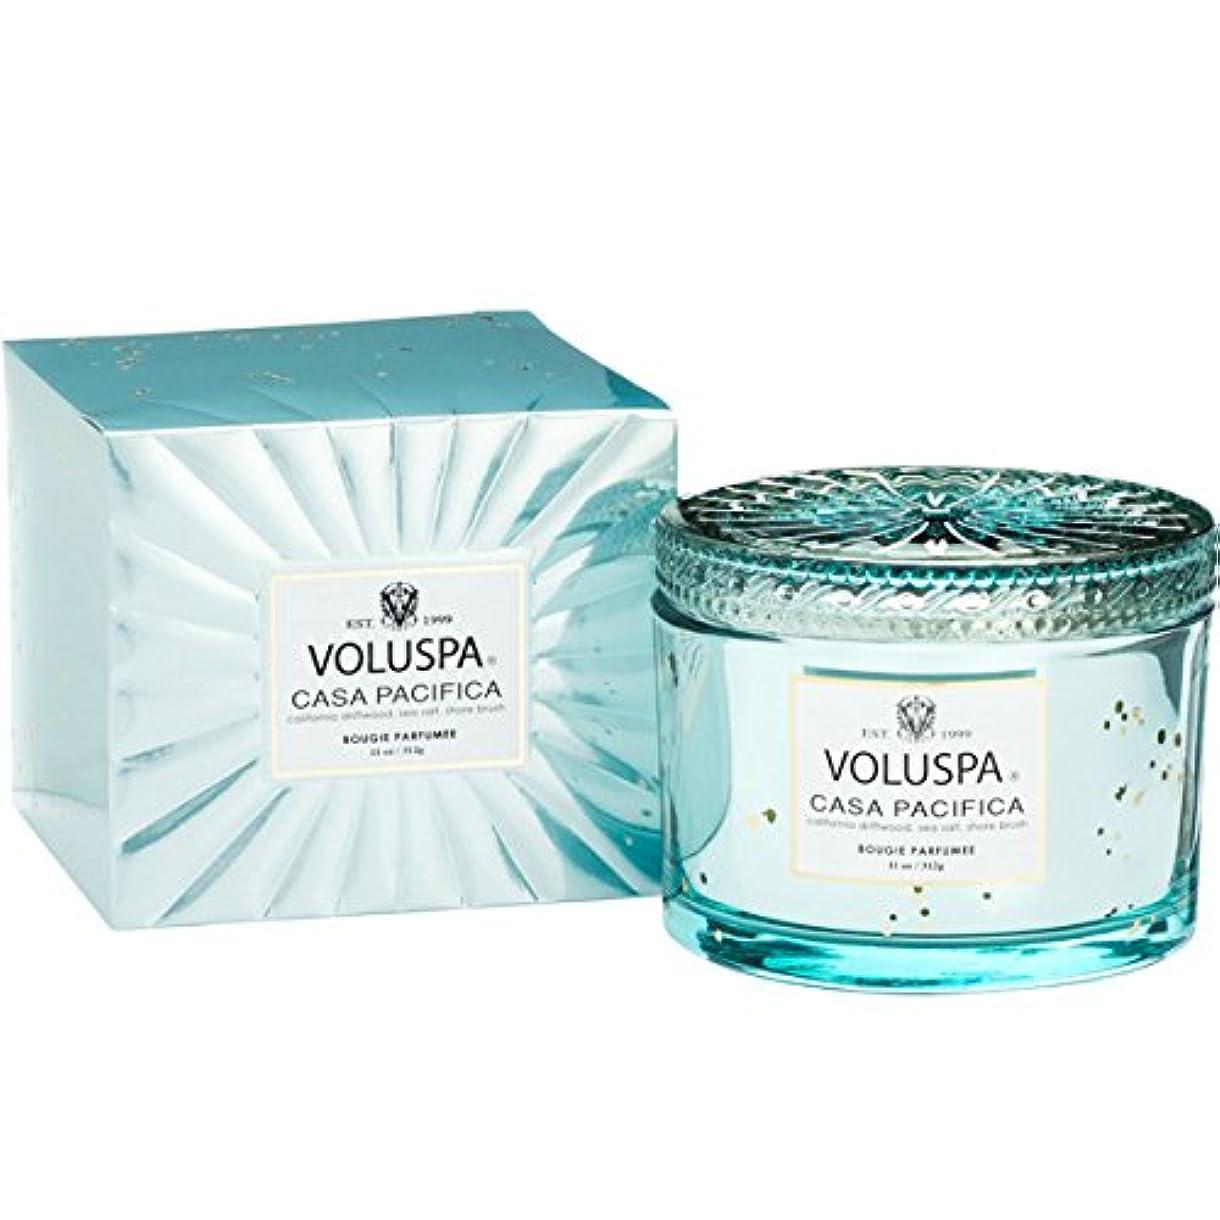 理想的には留まる流星Voluspa ボルスパ ヴァーメイル ボックス入り グラスキャンドル カーサハ?シフィカ CASA PACIFICA VERMEIL BOX Glass Candle